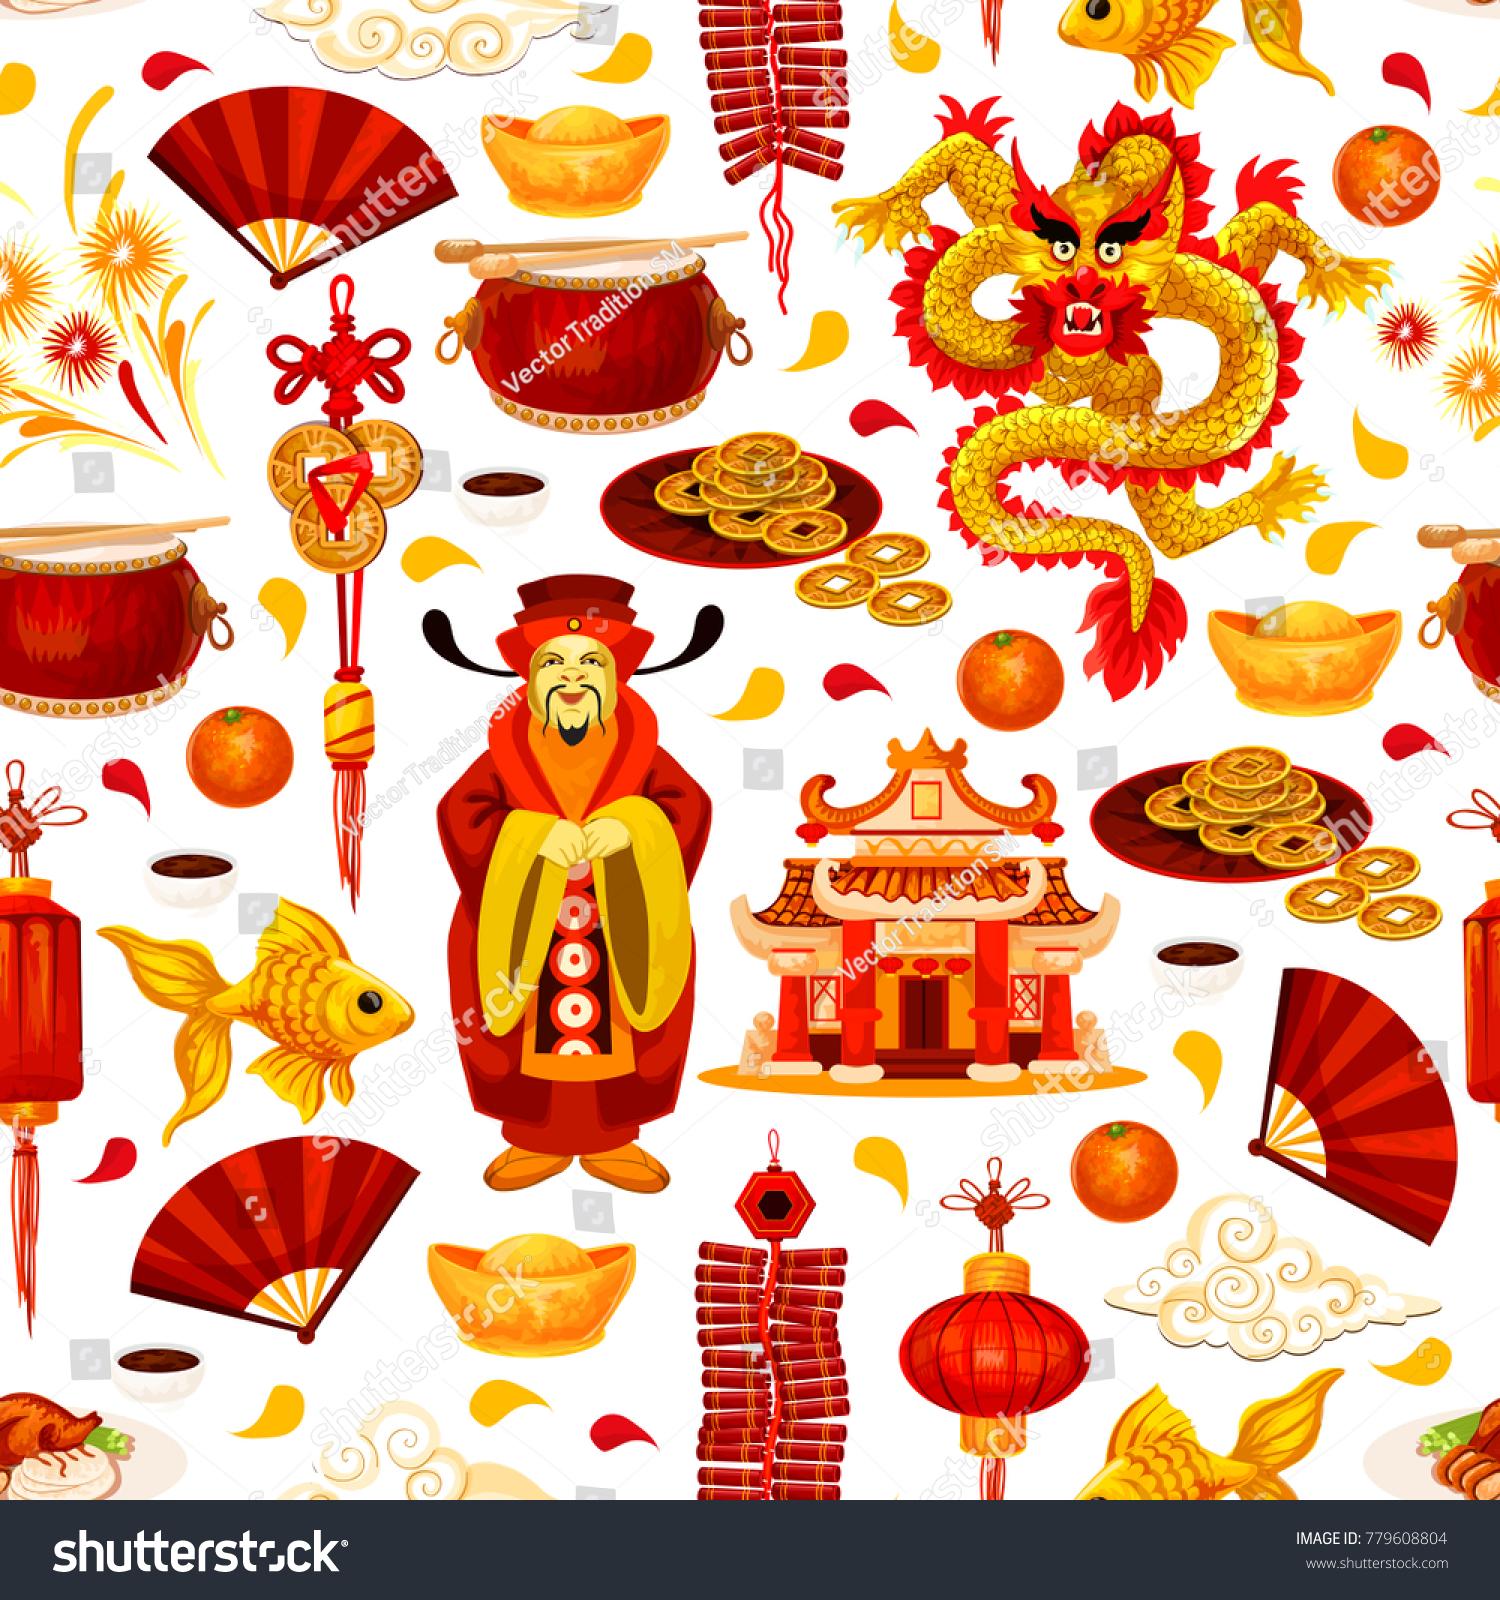 Chinese New Year Seamless Pattern